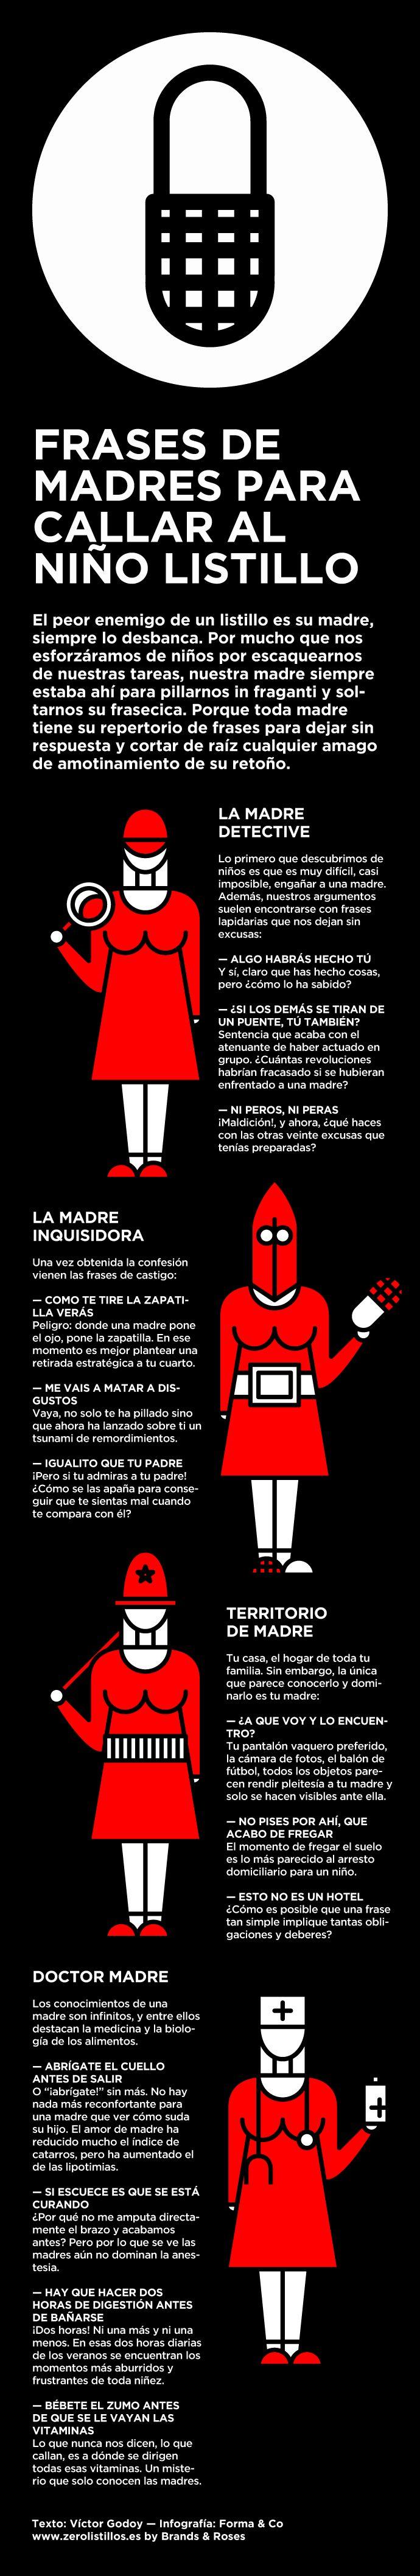 jajajajaja Frases de madres #infografia